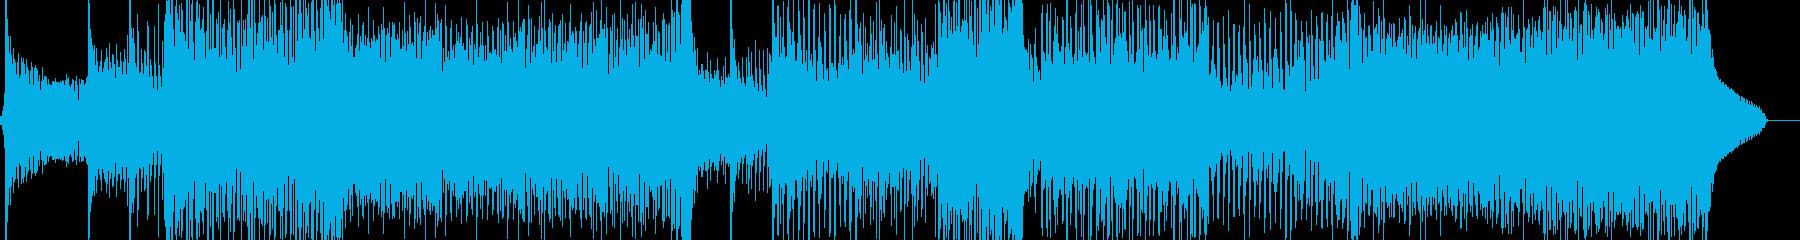 爽・エスニックムード漂うクラブテクノの再生済みの波形